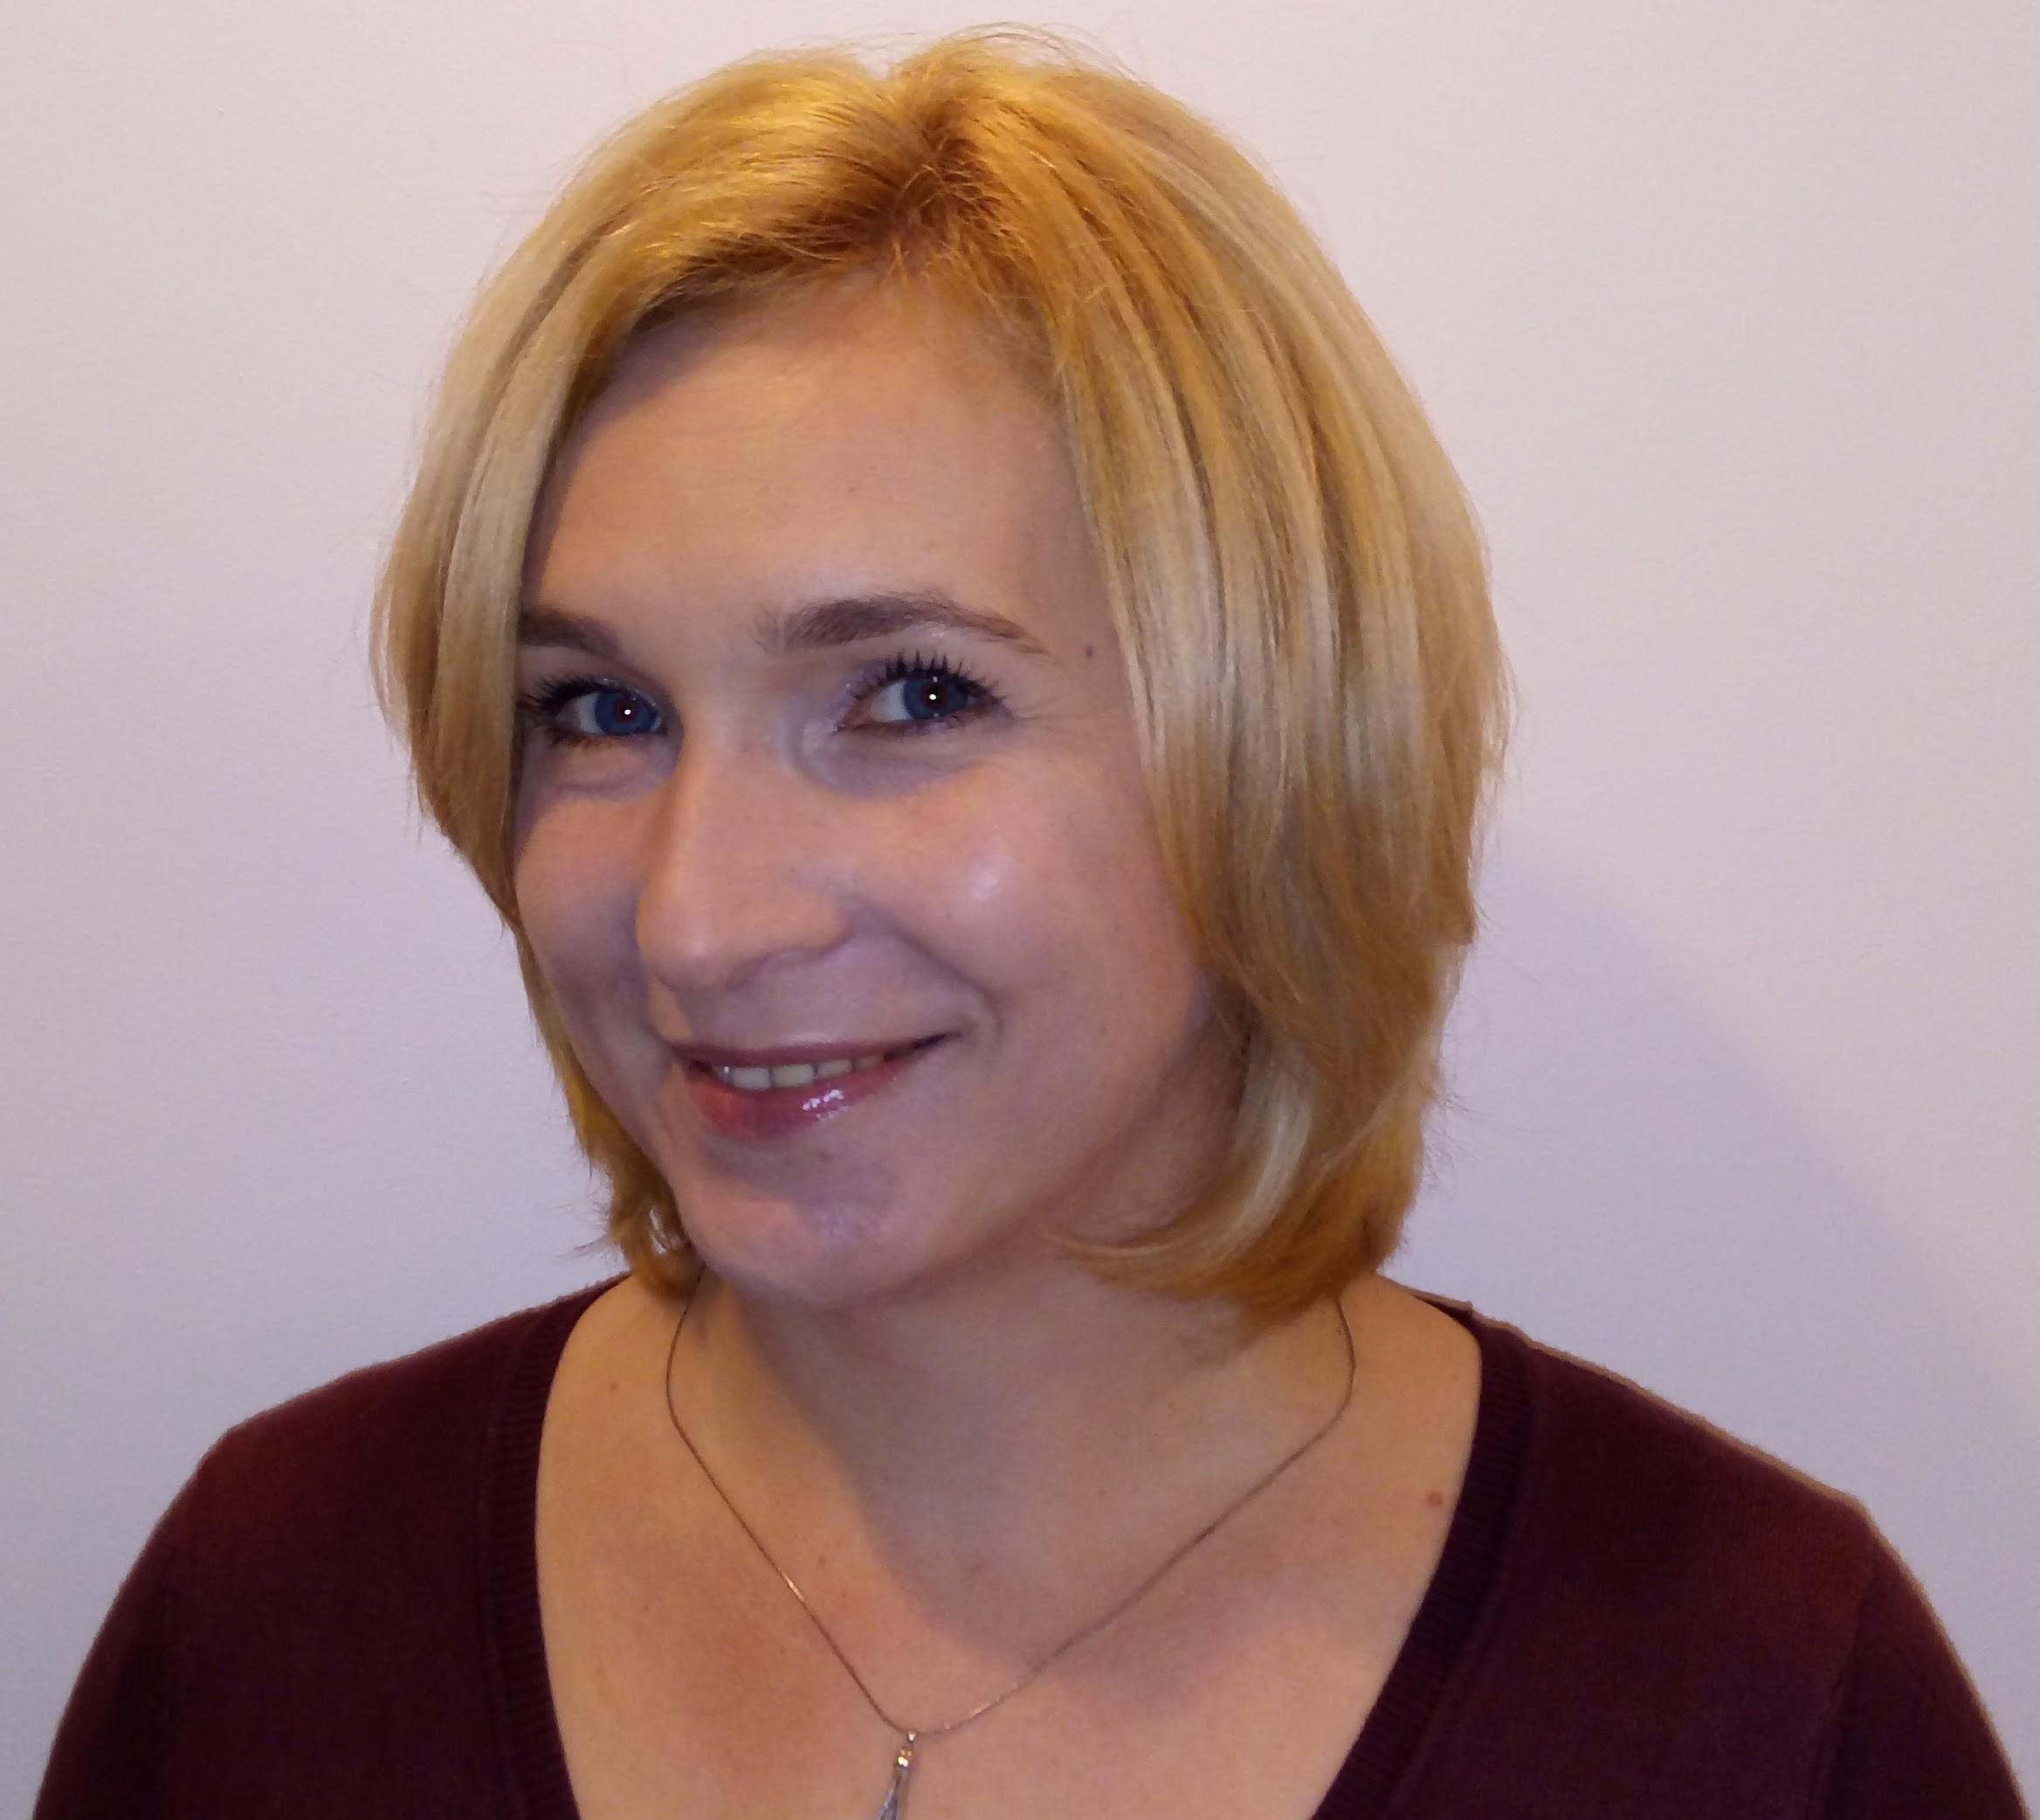 pMalgorzata